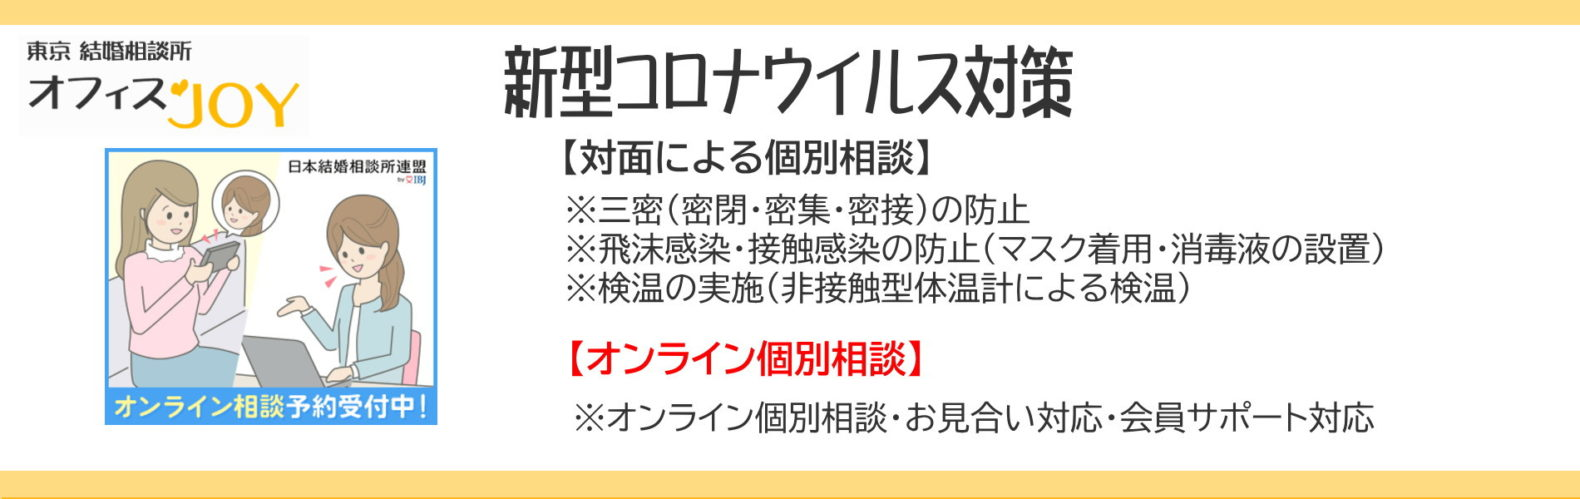 東京 結婚相談所オフィスJOY コロナ対策